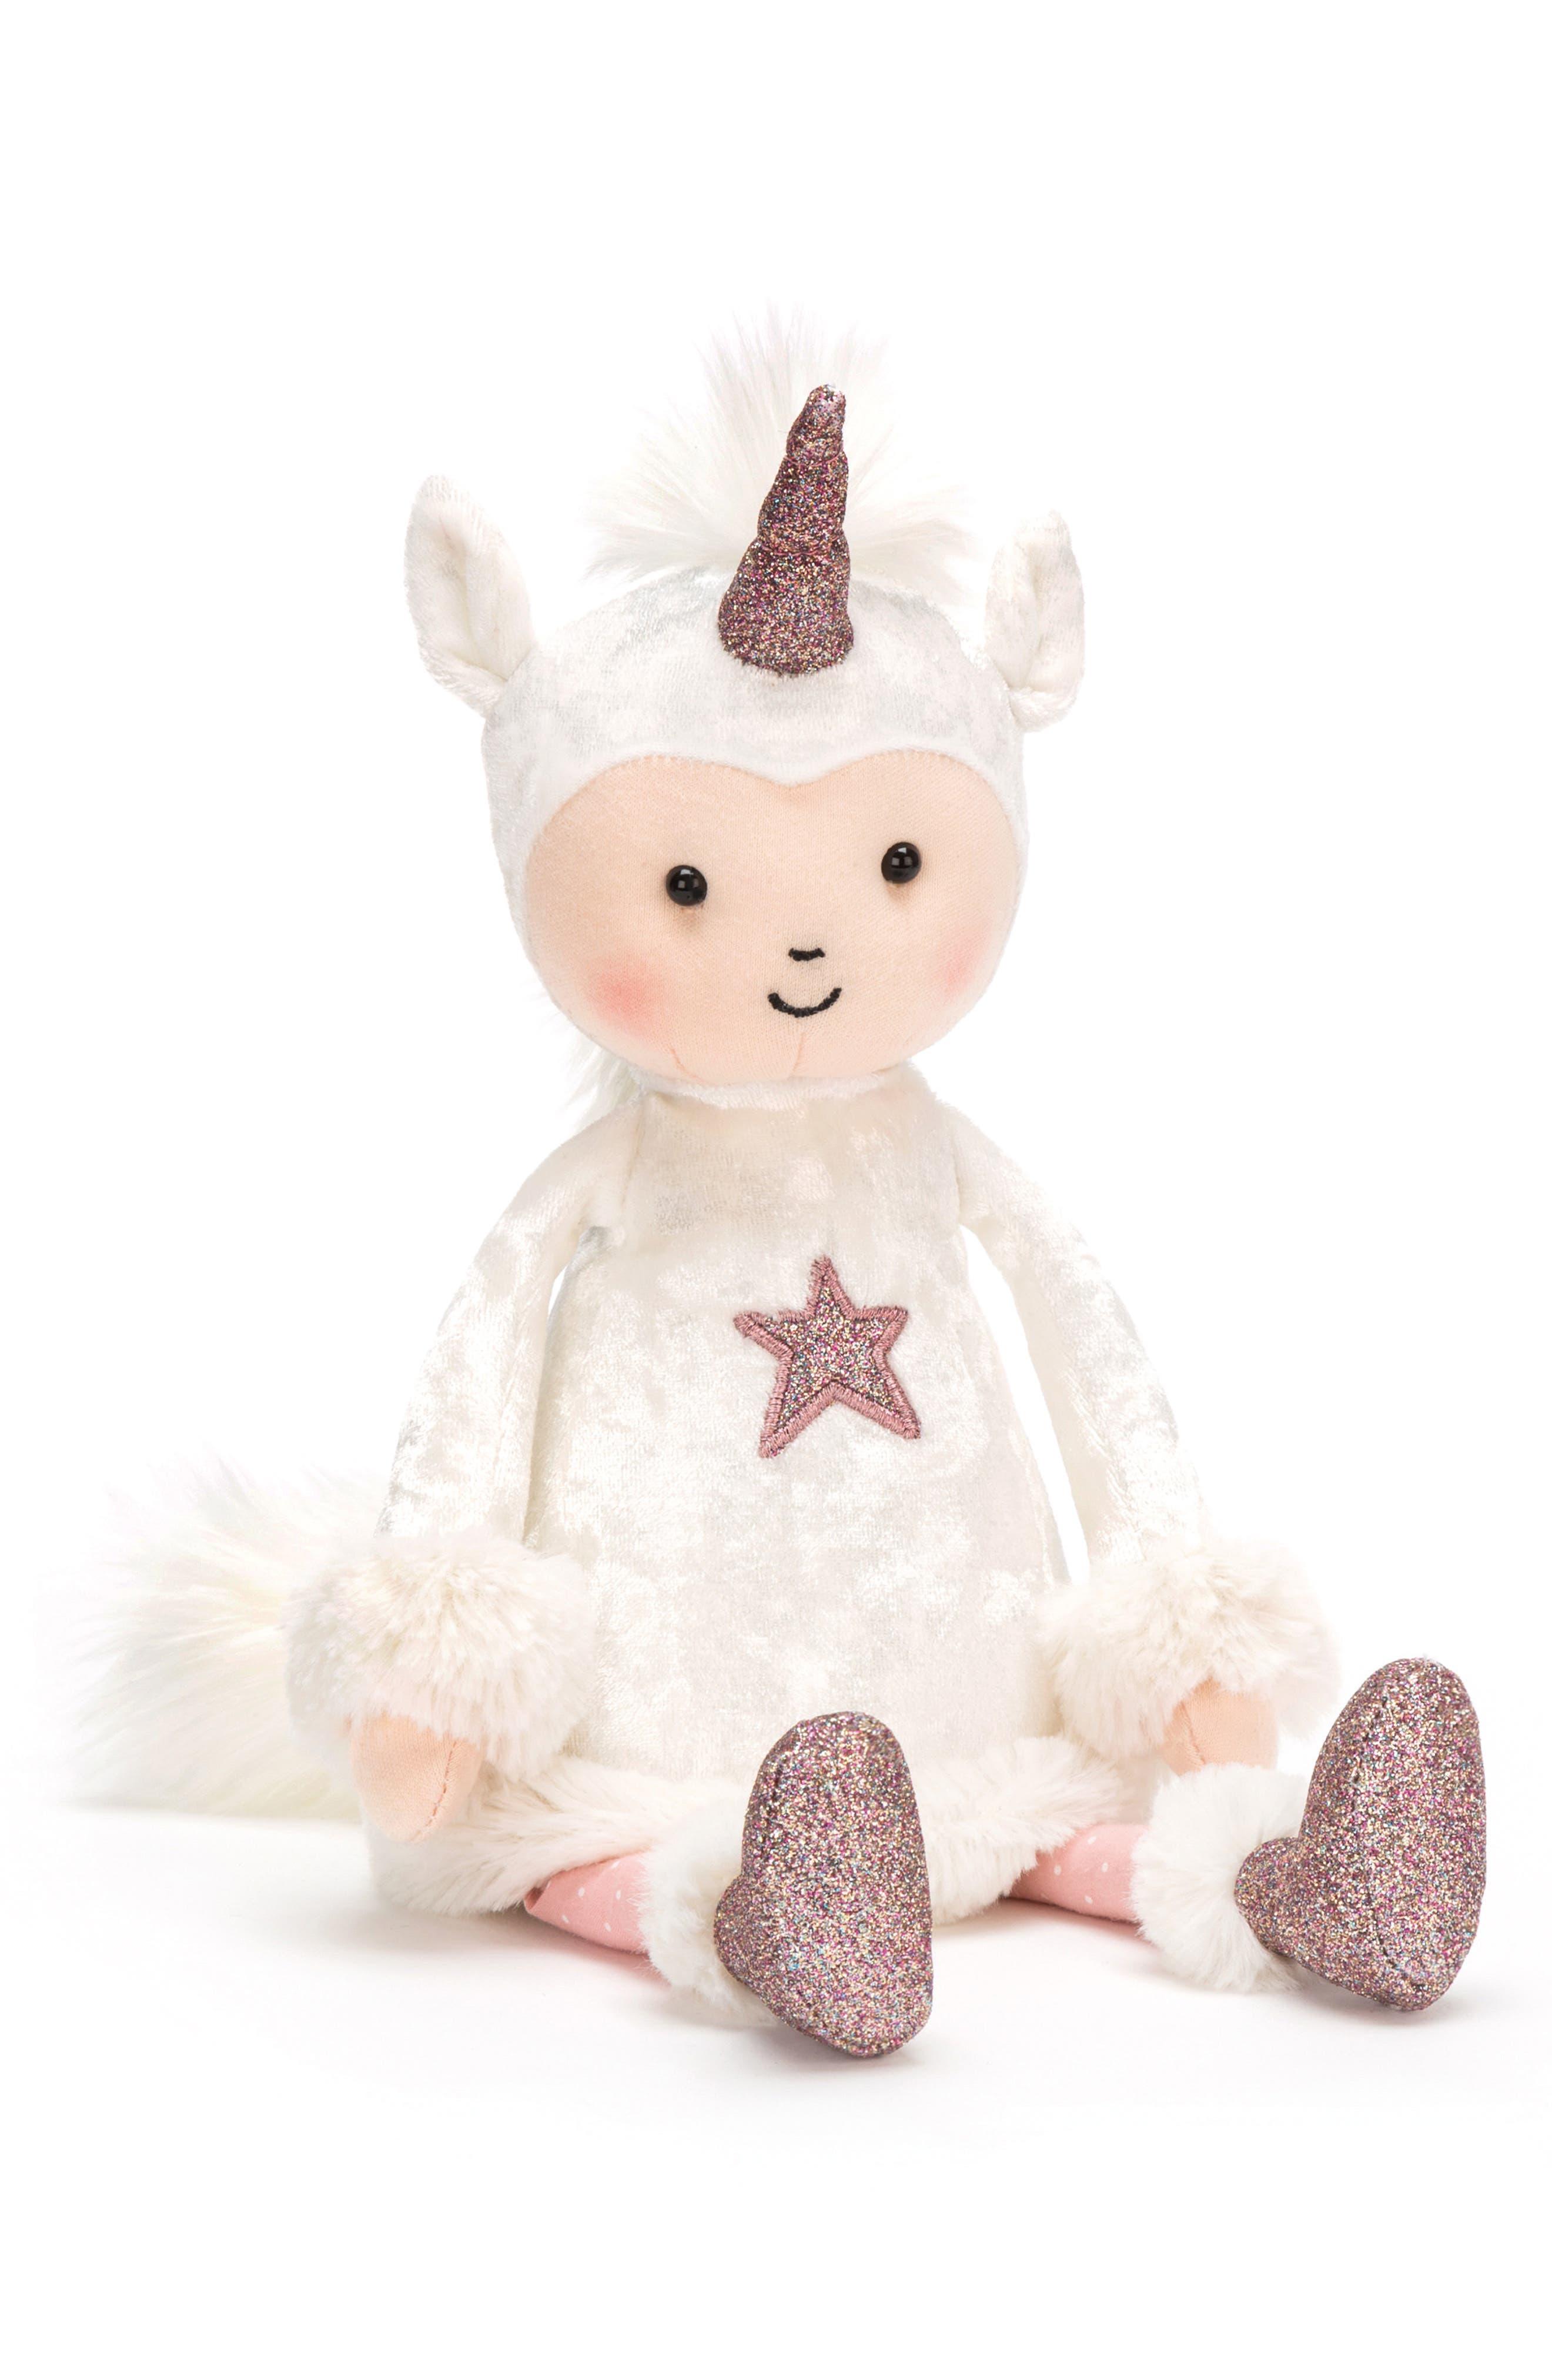 Perkies Unicorn Delight Stuffed Doll,                             Main thumbnail 1, color,                             WHITE